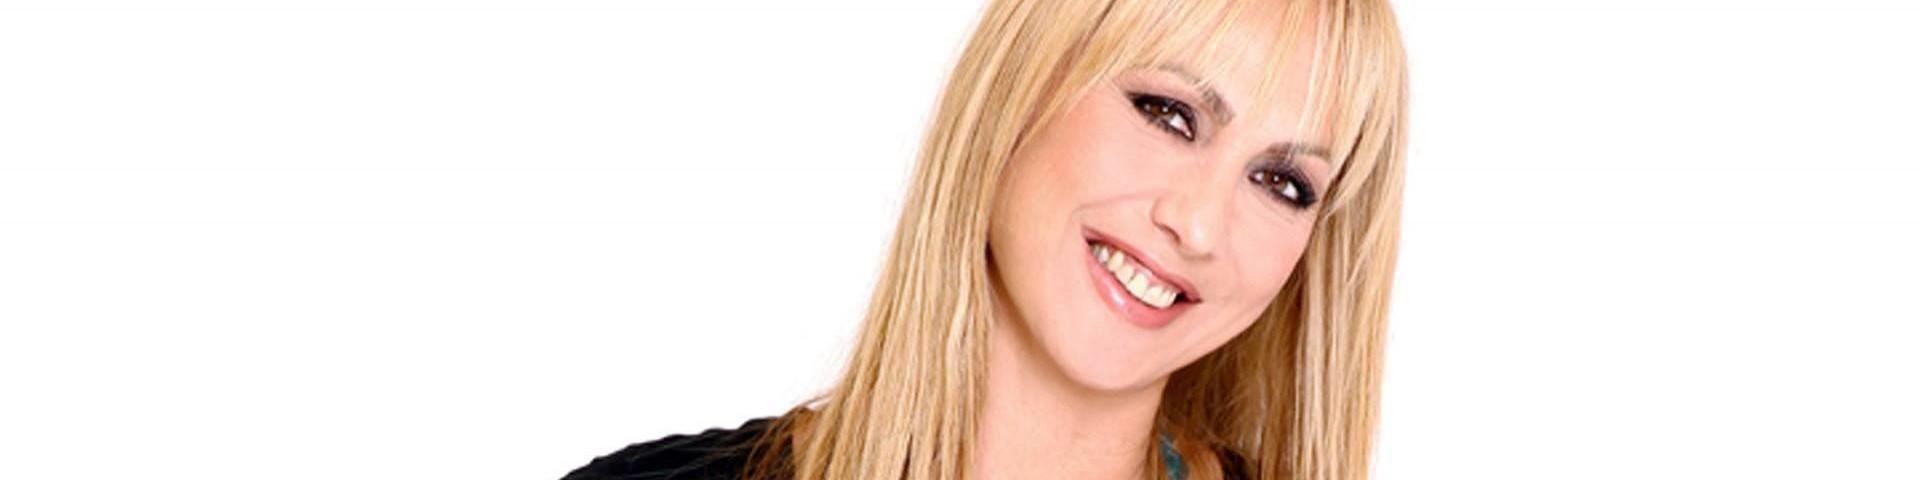 Amici 18: Alessandra Celentano contro Rudy Zerbi